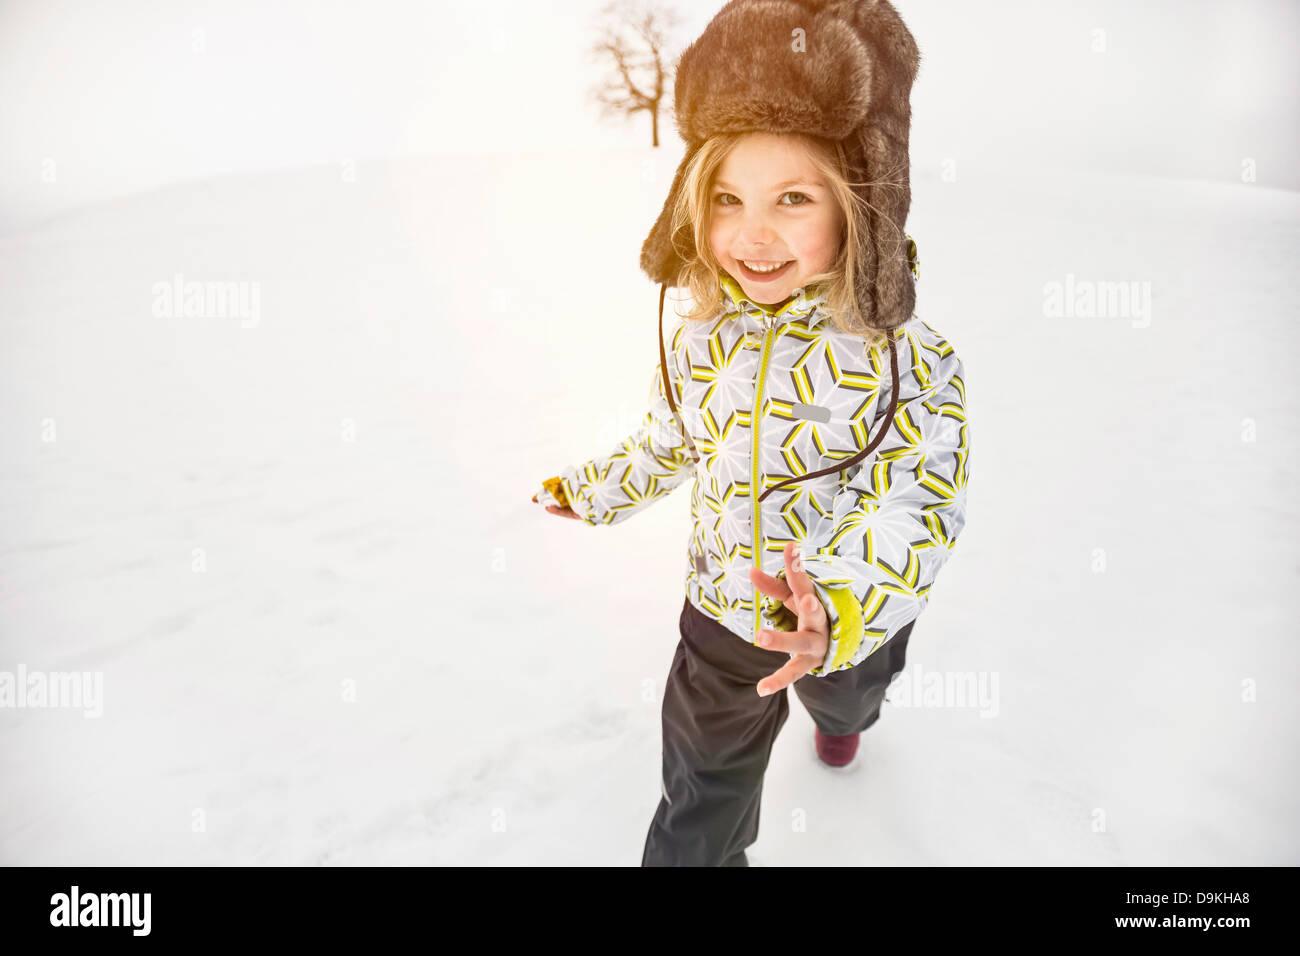 Mädchen mit pelzigen Hut Wandern im Schnee Stockbild